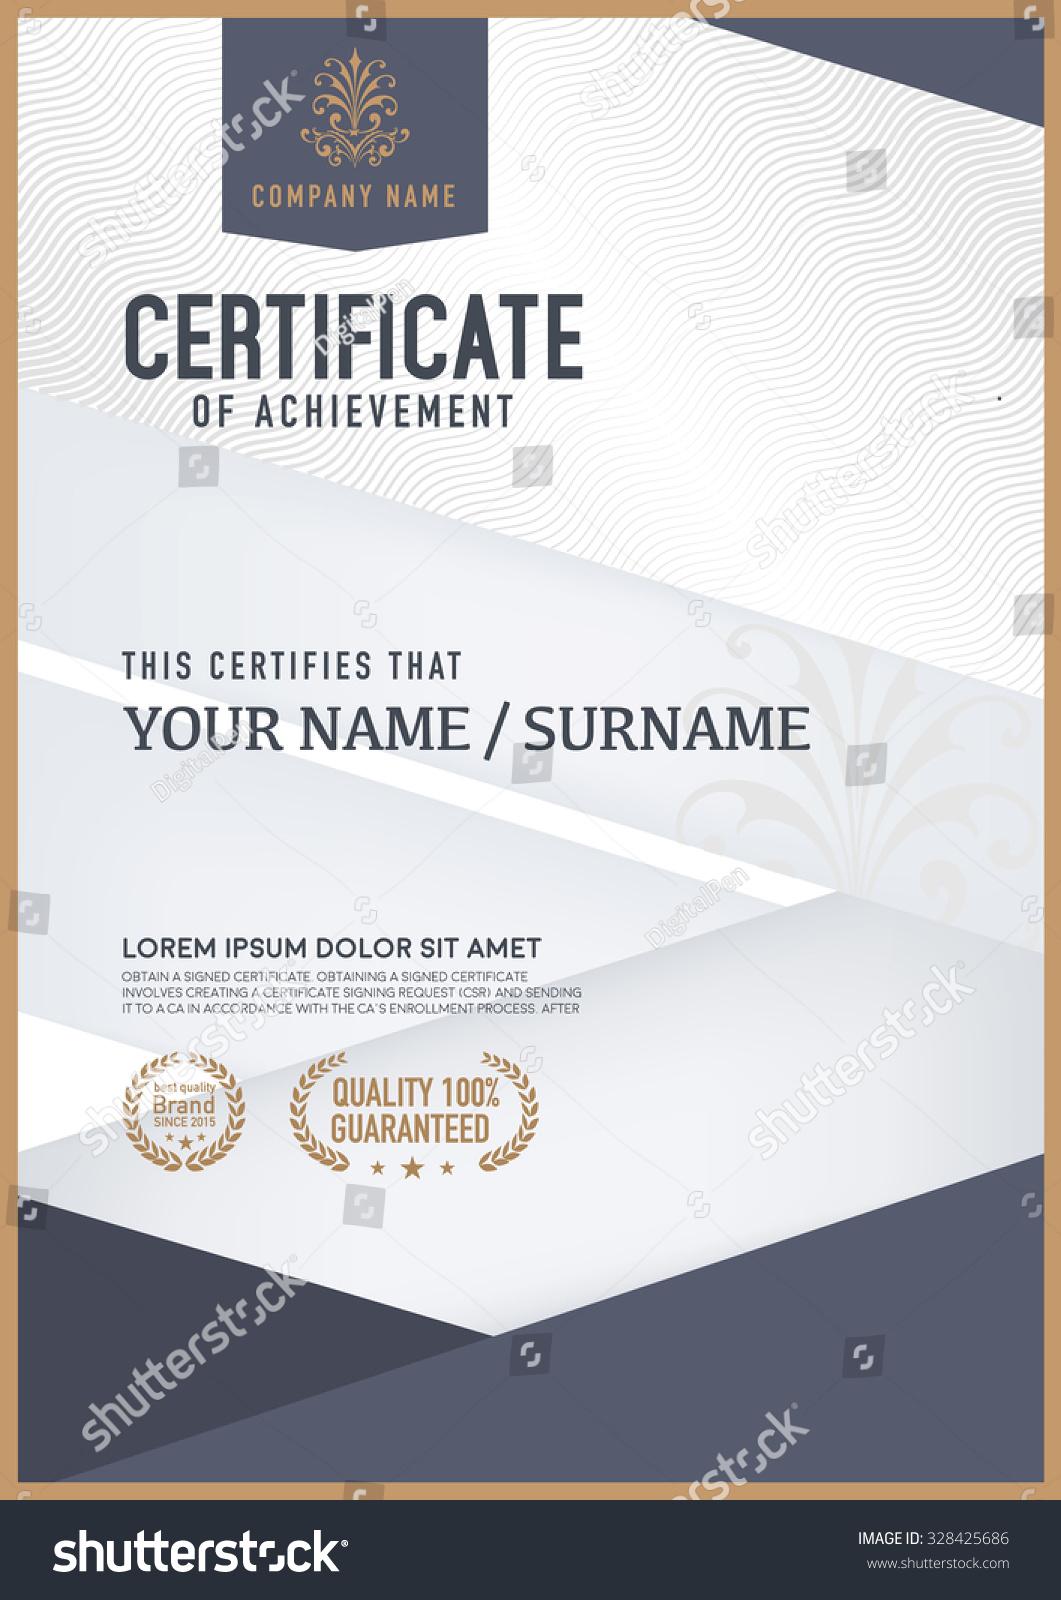 vector certificate template stock vector 328425686 vector certificate background vector certificate border